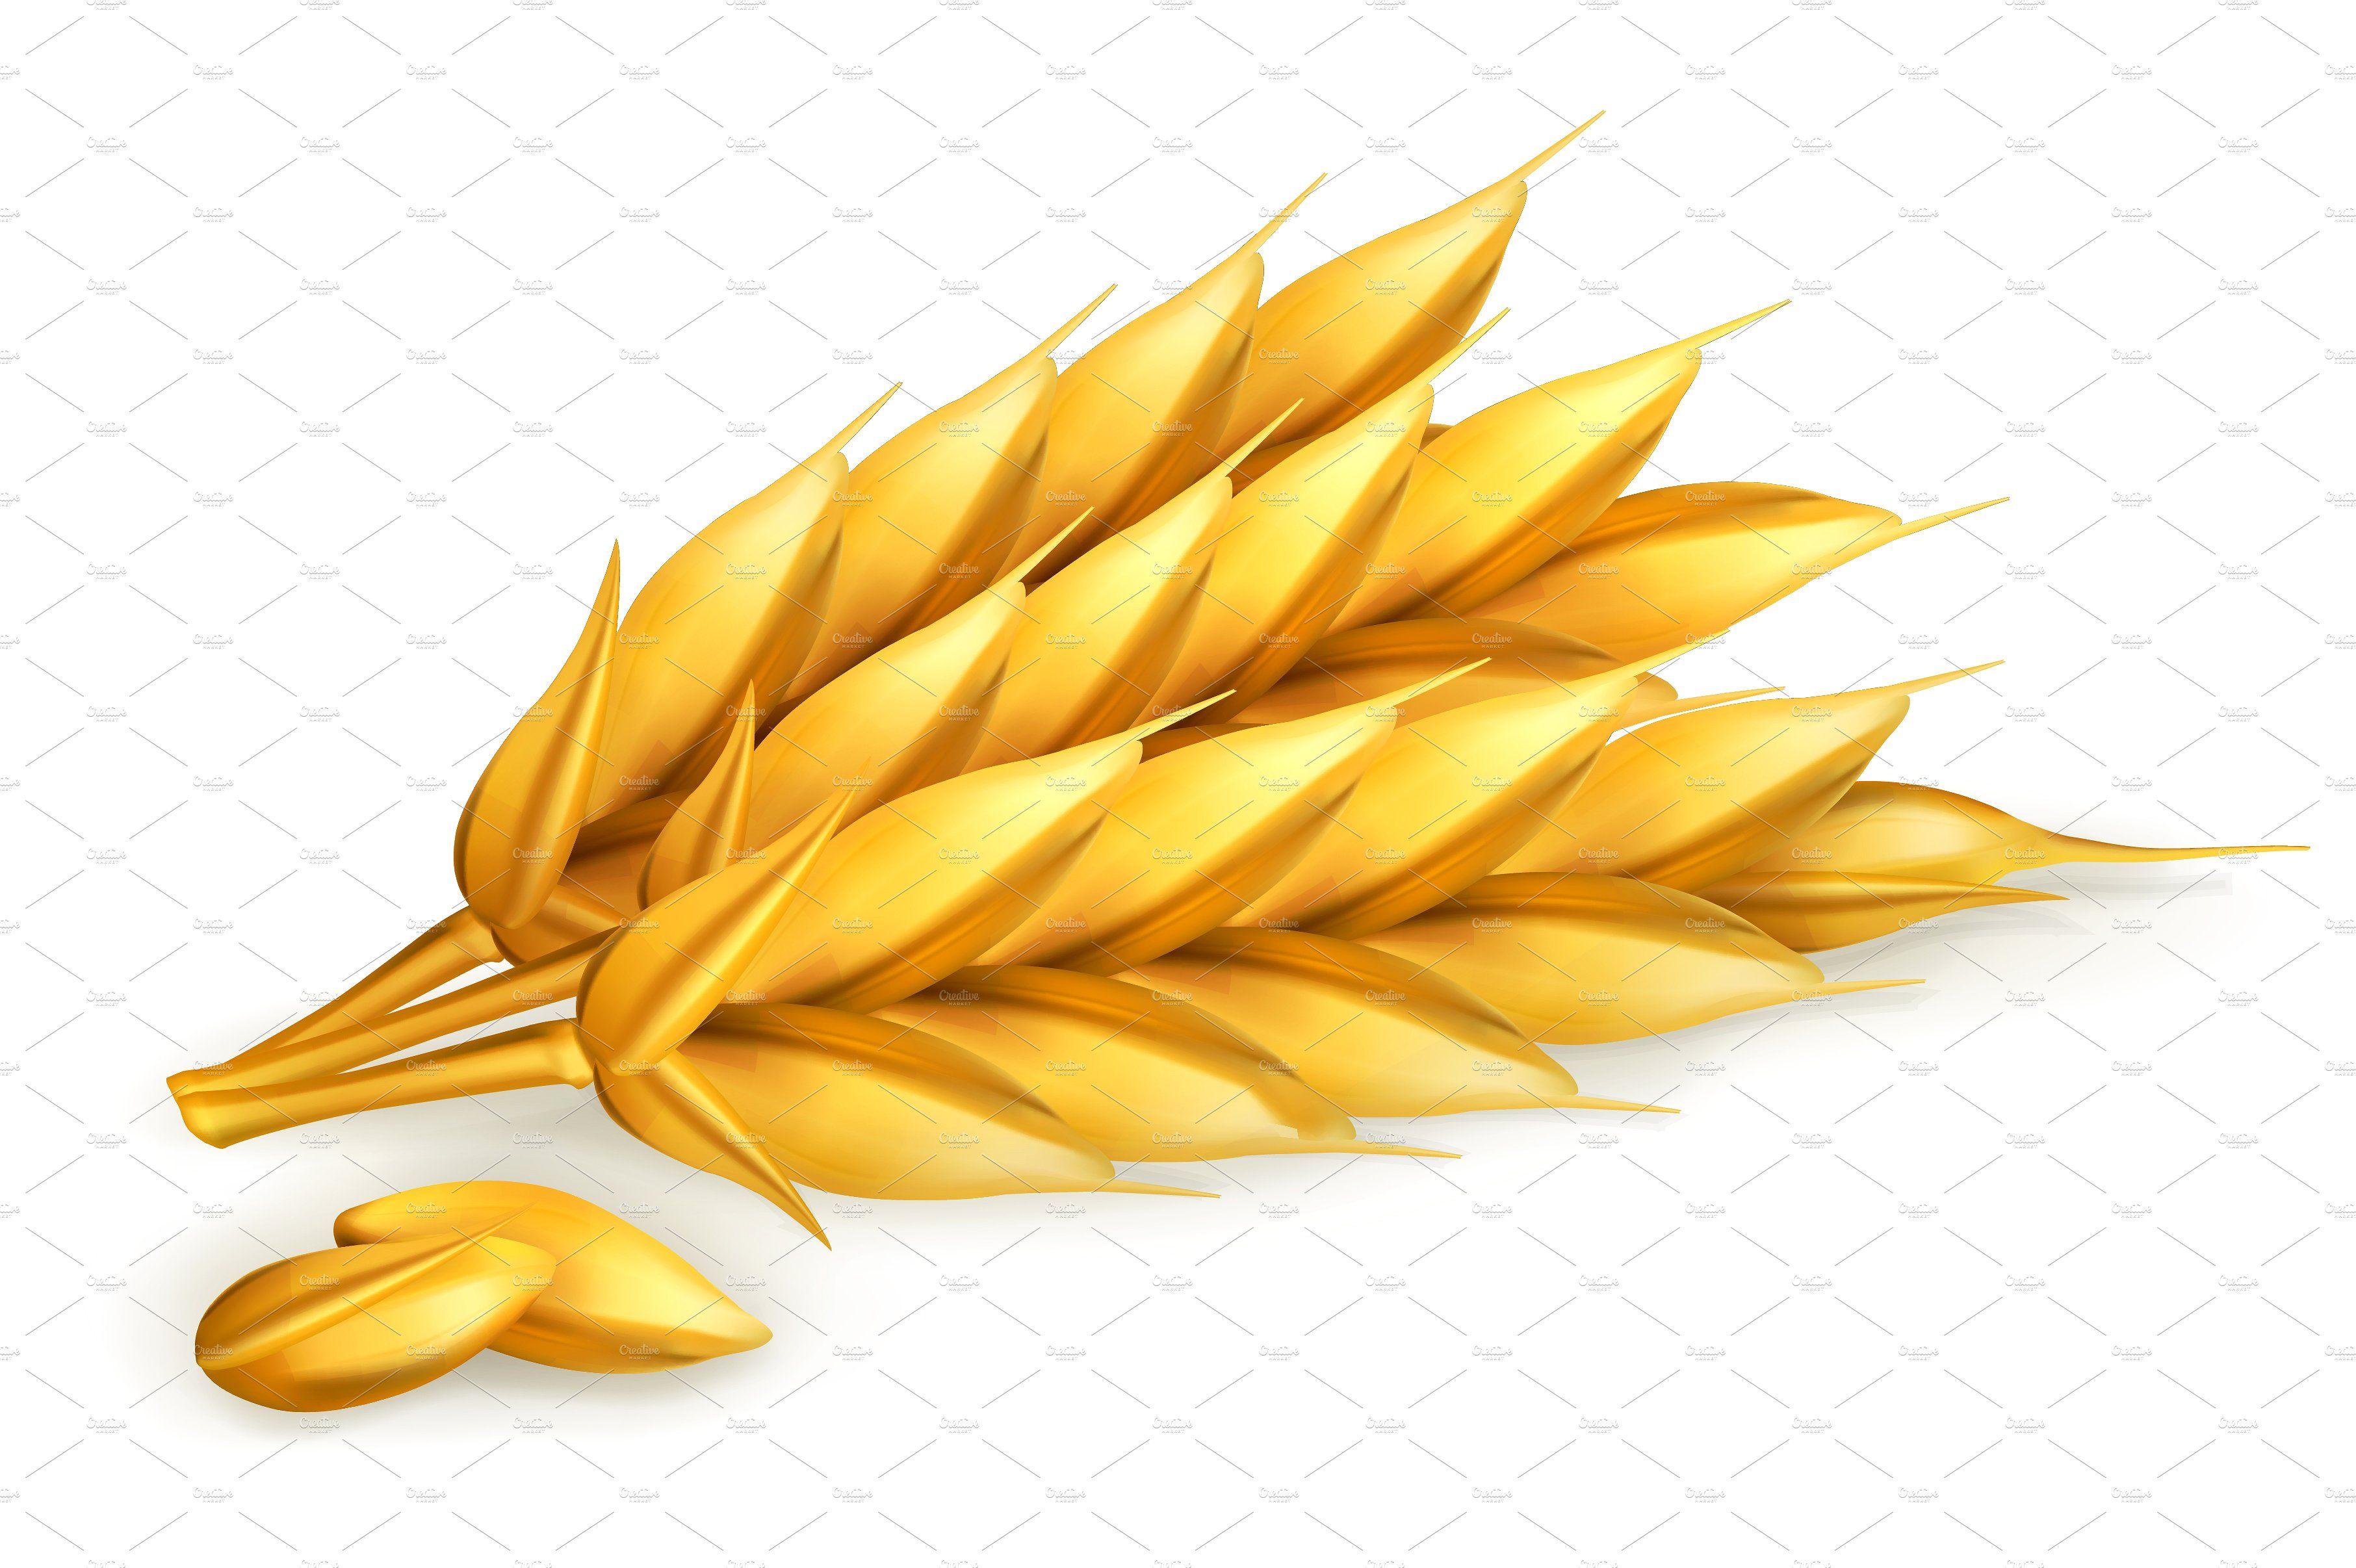 Wheat, oat, grains, vector icon set (Görüntüler ile) Resim